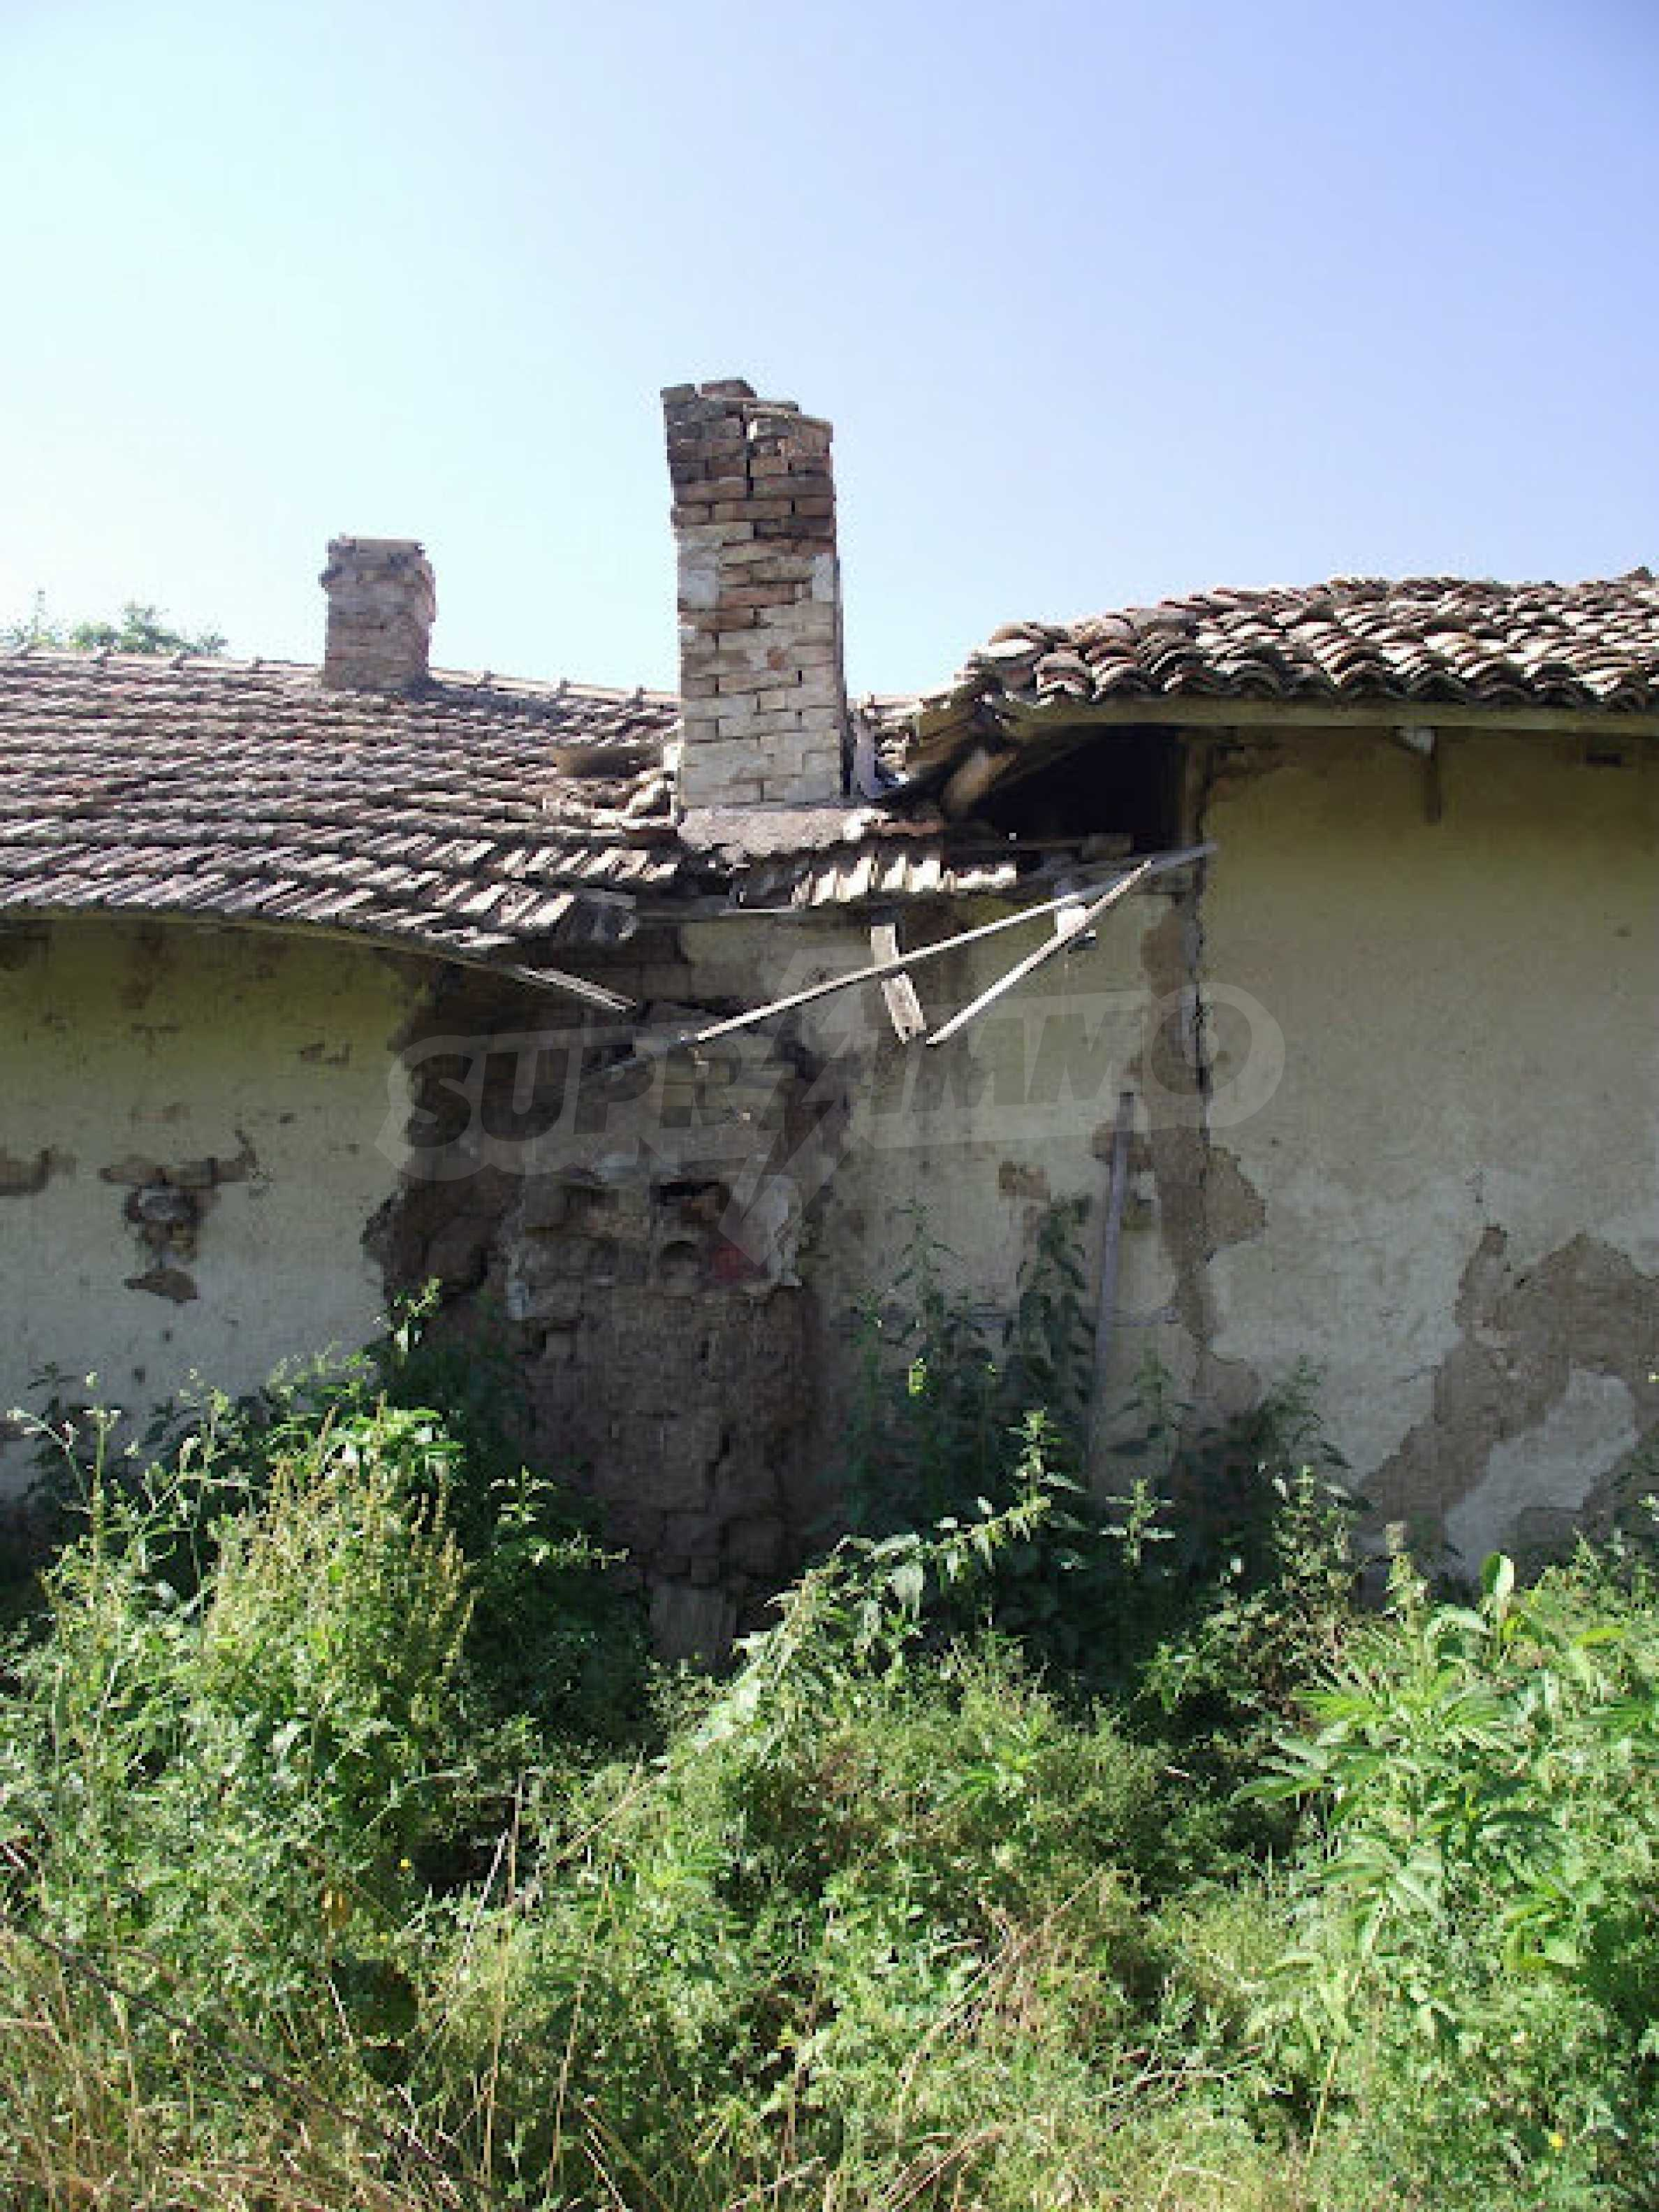 Zwei Immobilien in einem Dorf in der Nähe von Popovo 12